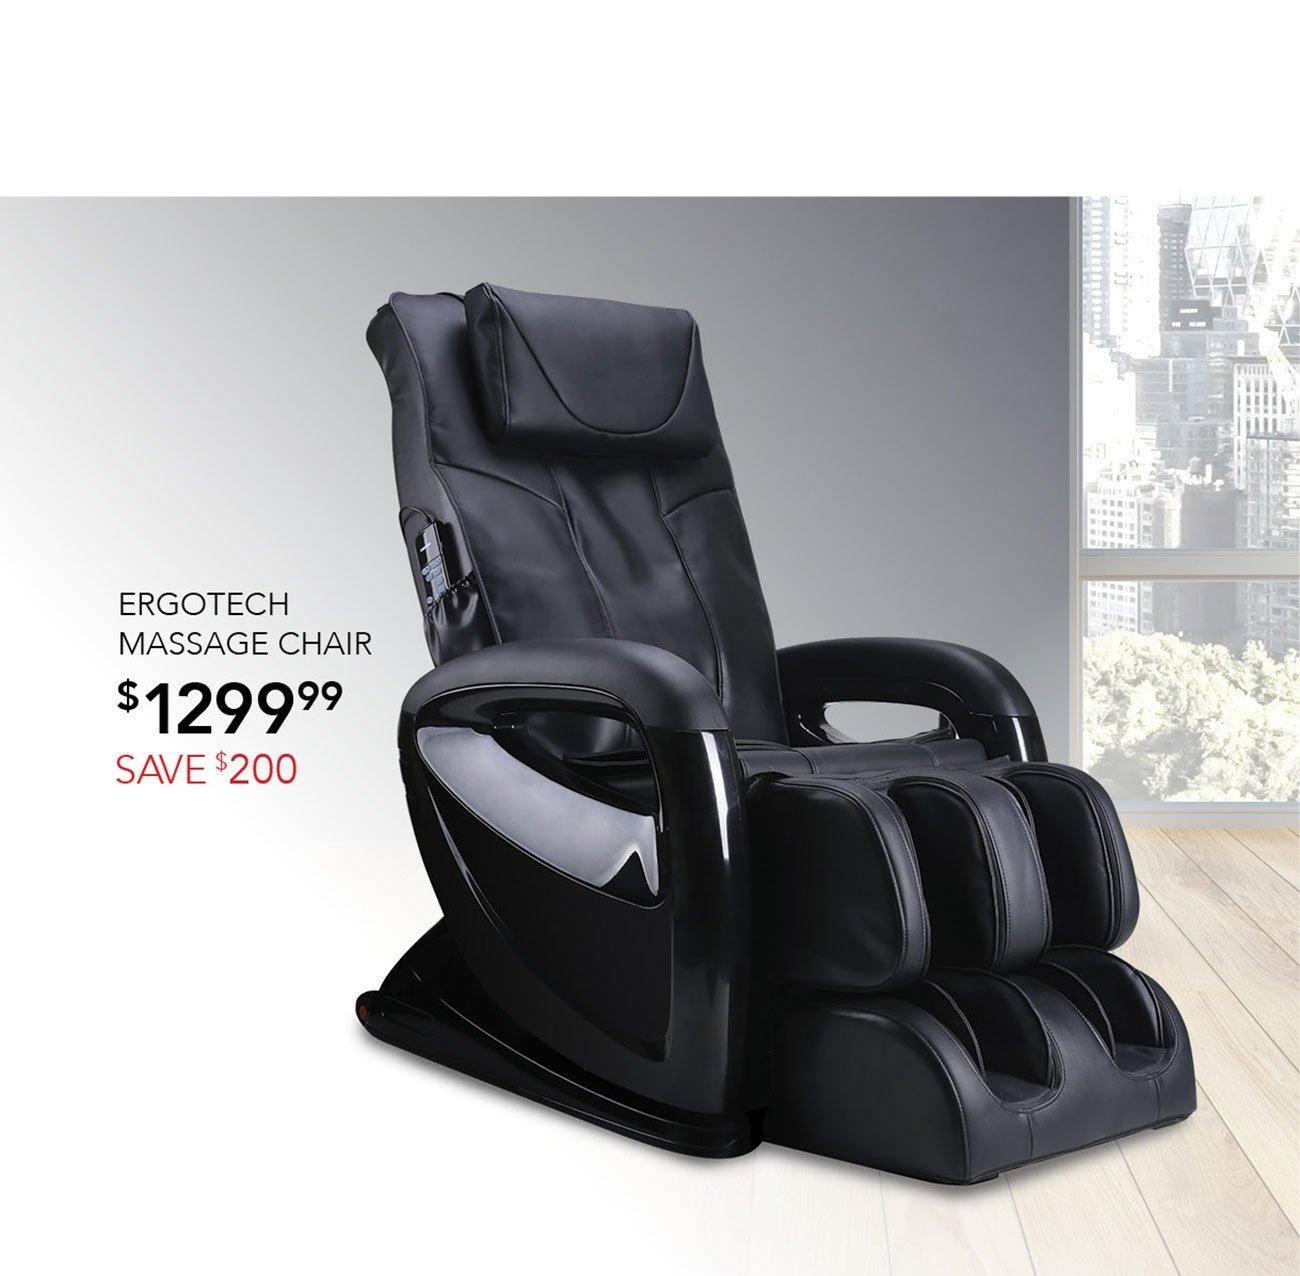 Ergotech-massage-chair